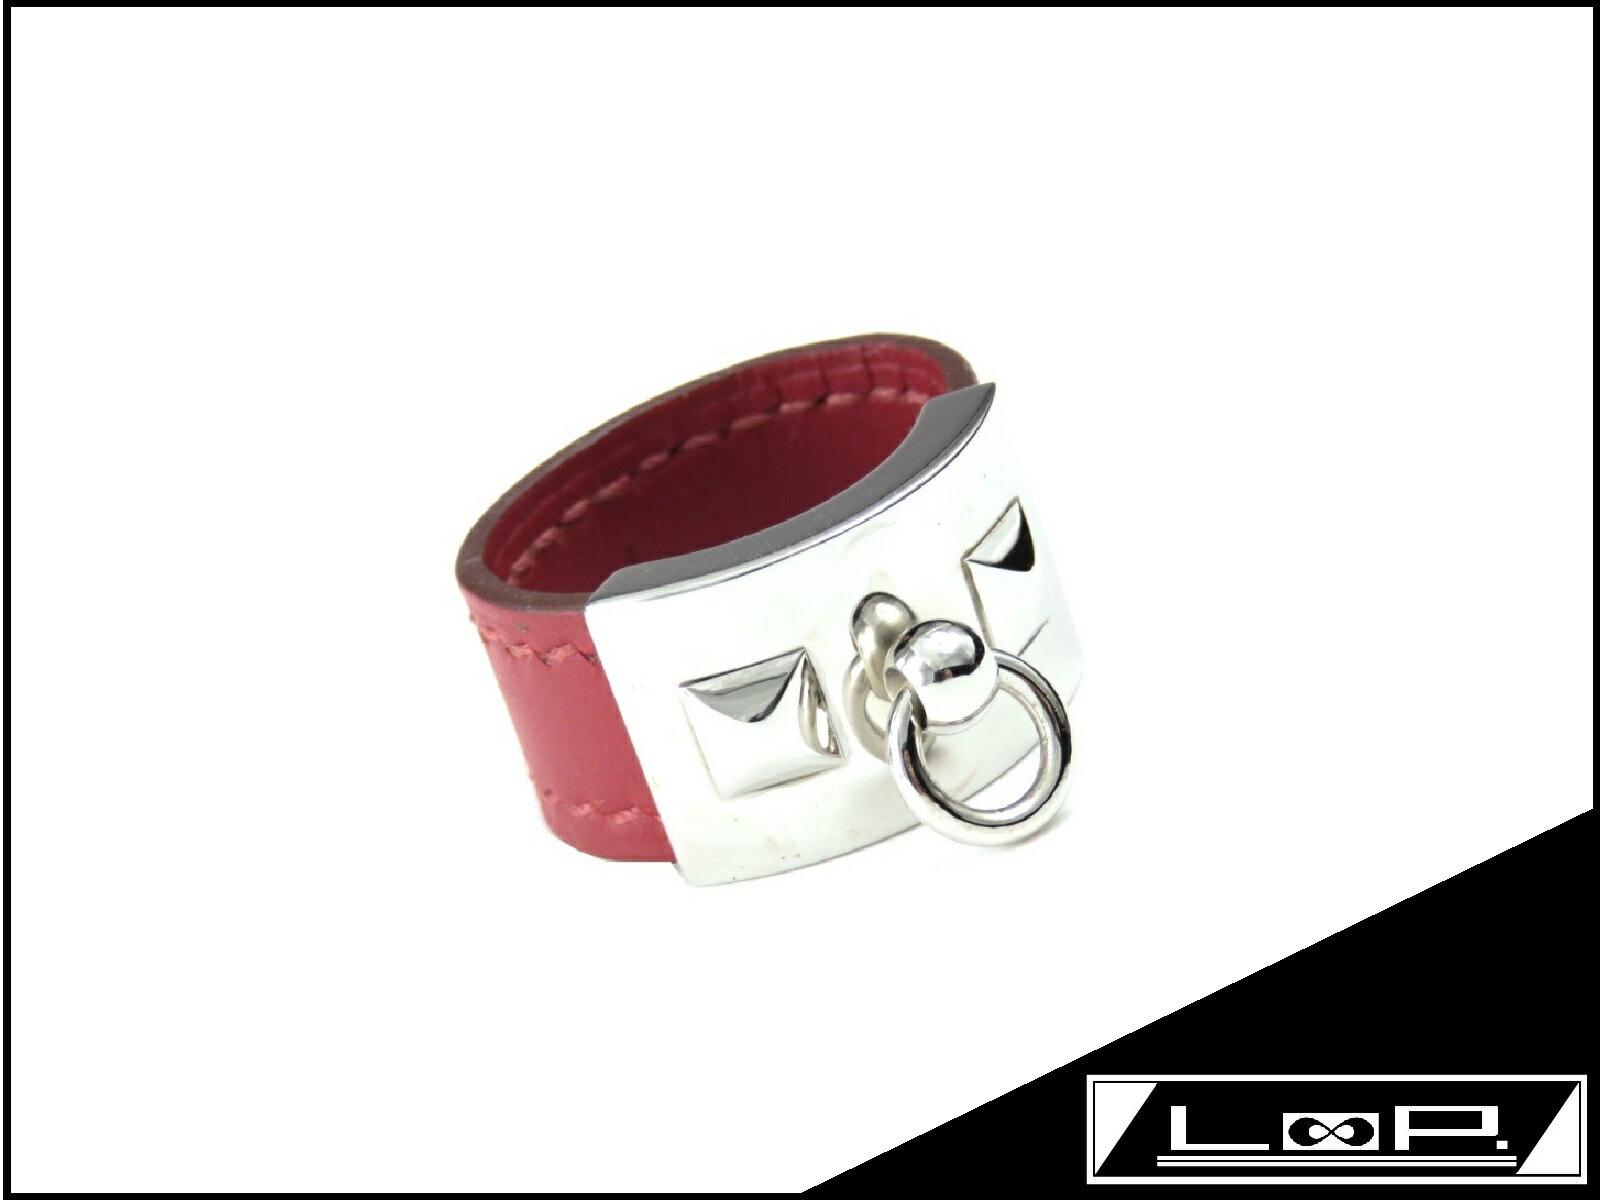 【美品】 HERMES エルメス コリエドシアン リング 指輪 アクセサリー レザー カーフ 革 レッド アカ 赤 シルバー 金具 SS L #18 【A18068】 【中古】